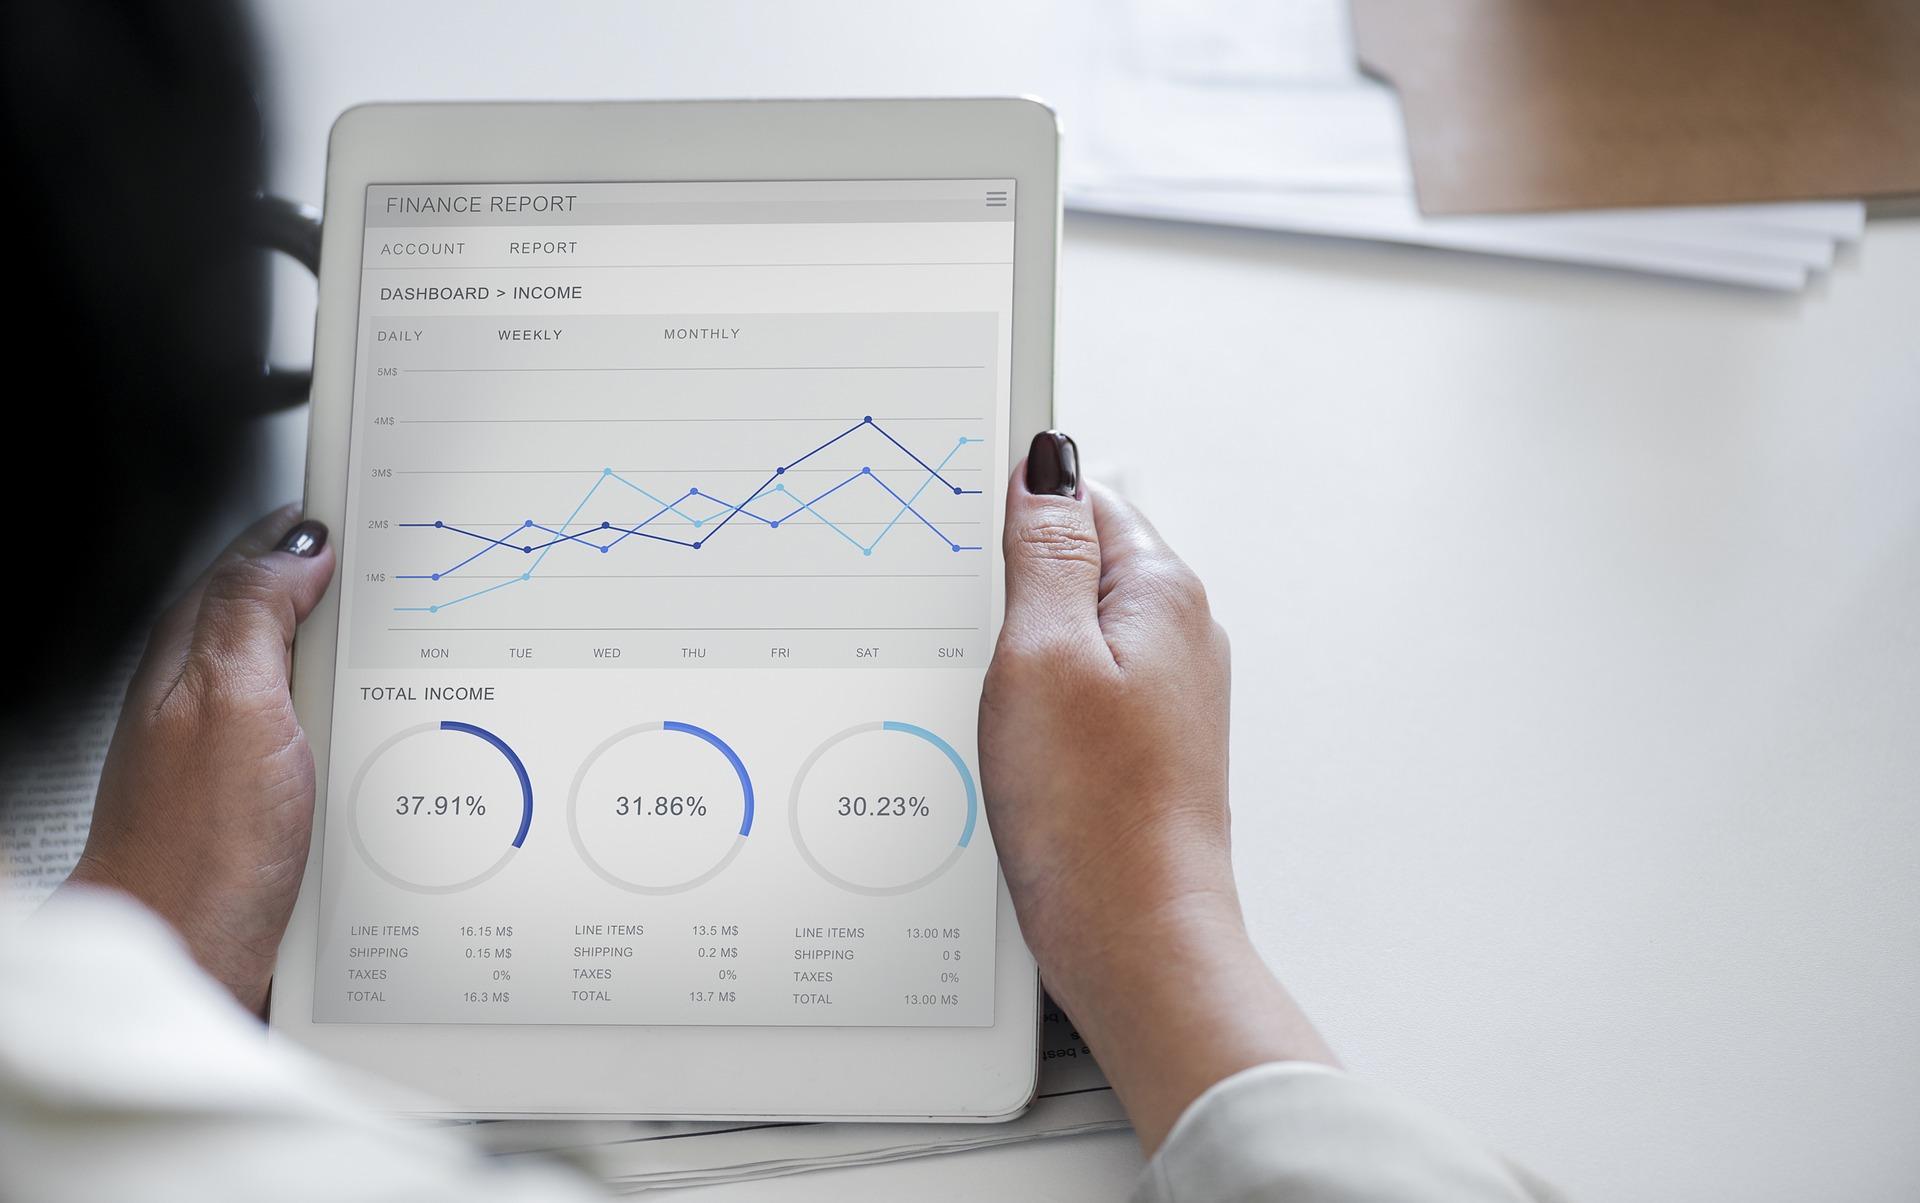 מערכת לניהול שותפים (אפיליאציה) – פלטפורמה חכמה להכנסות פאסיביות